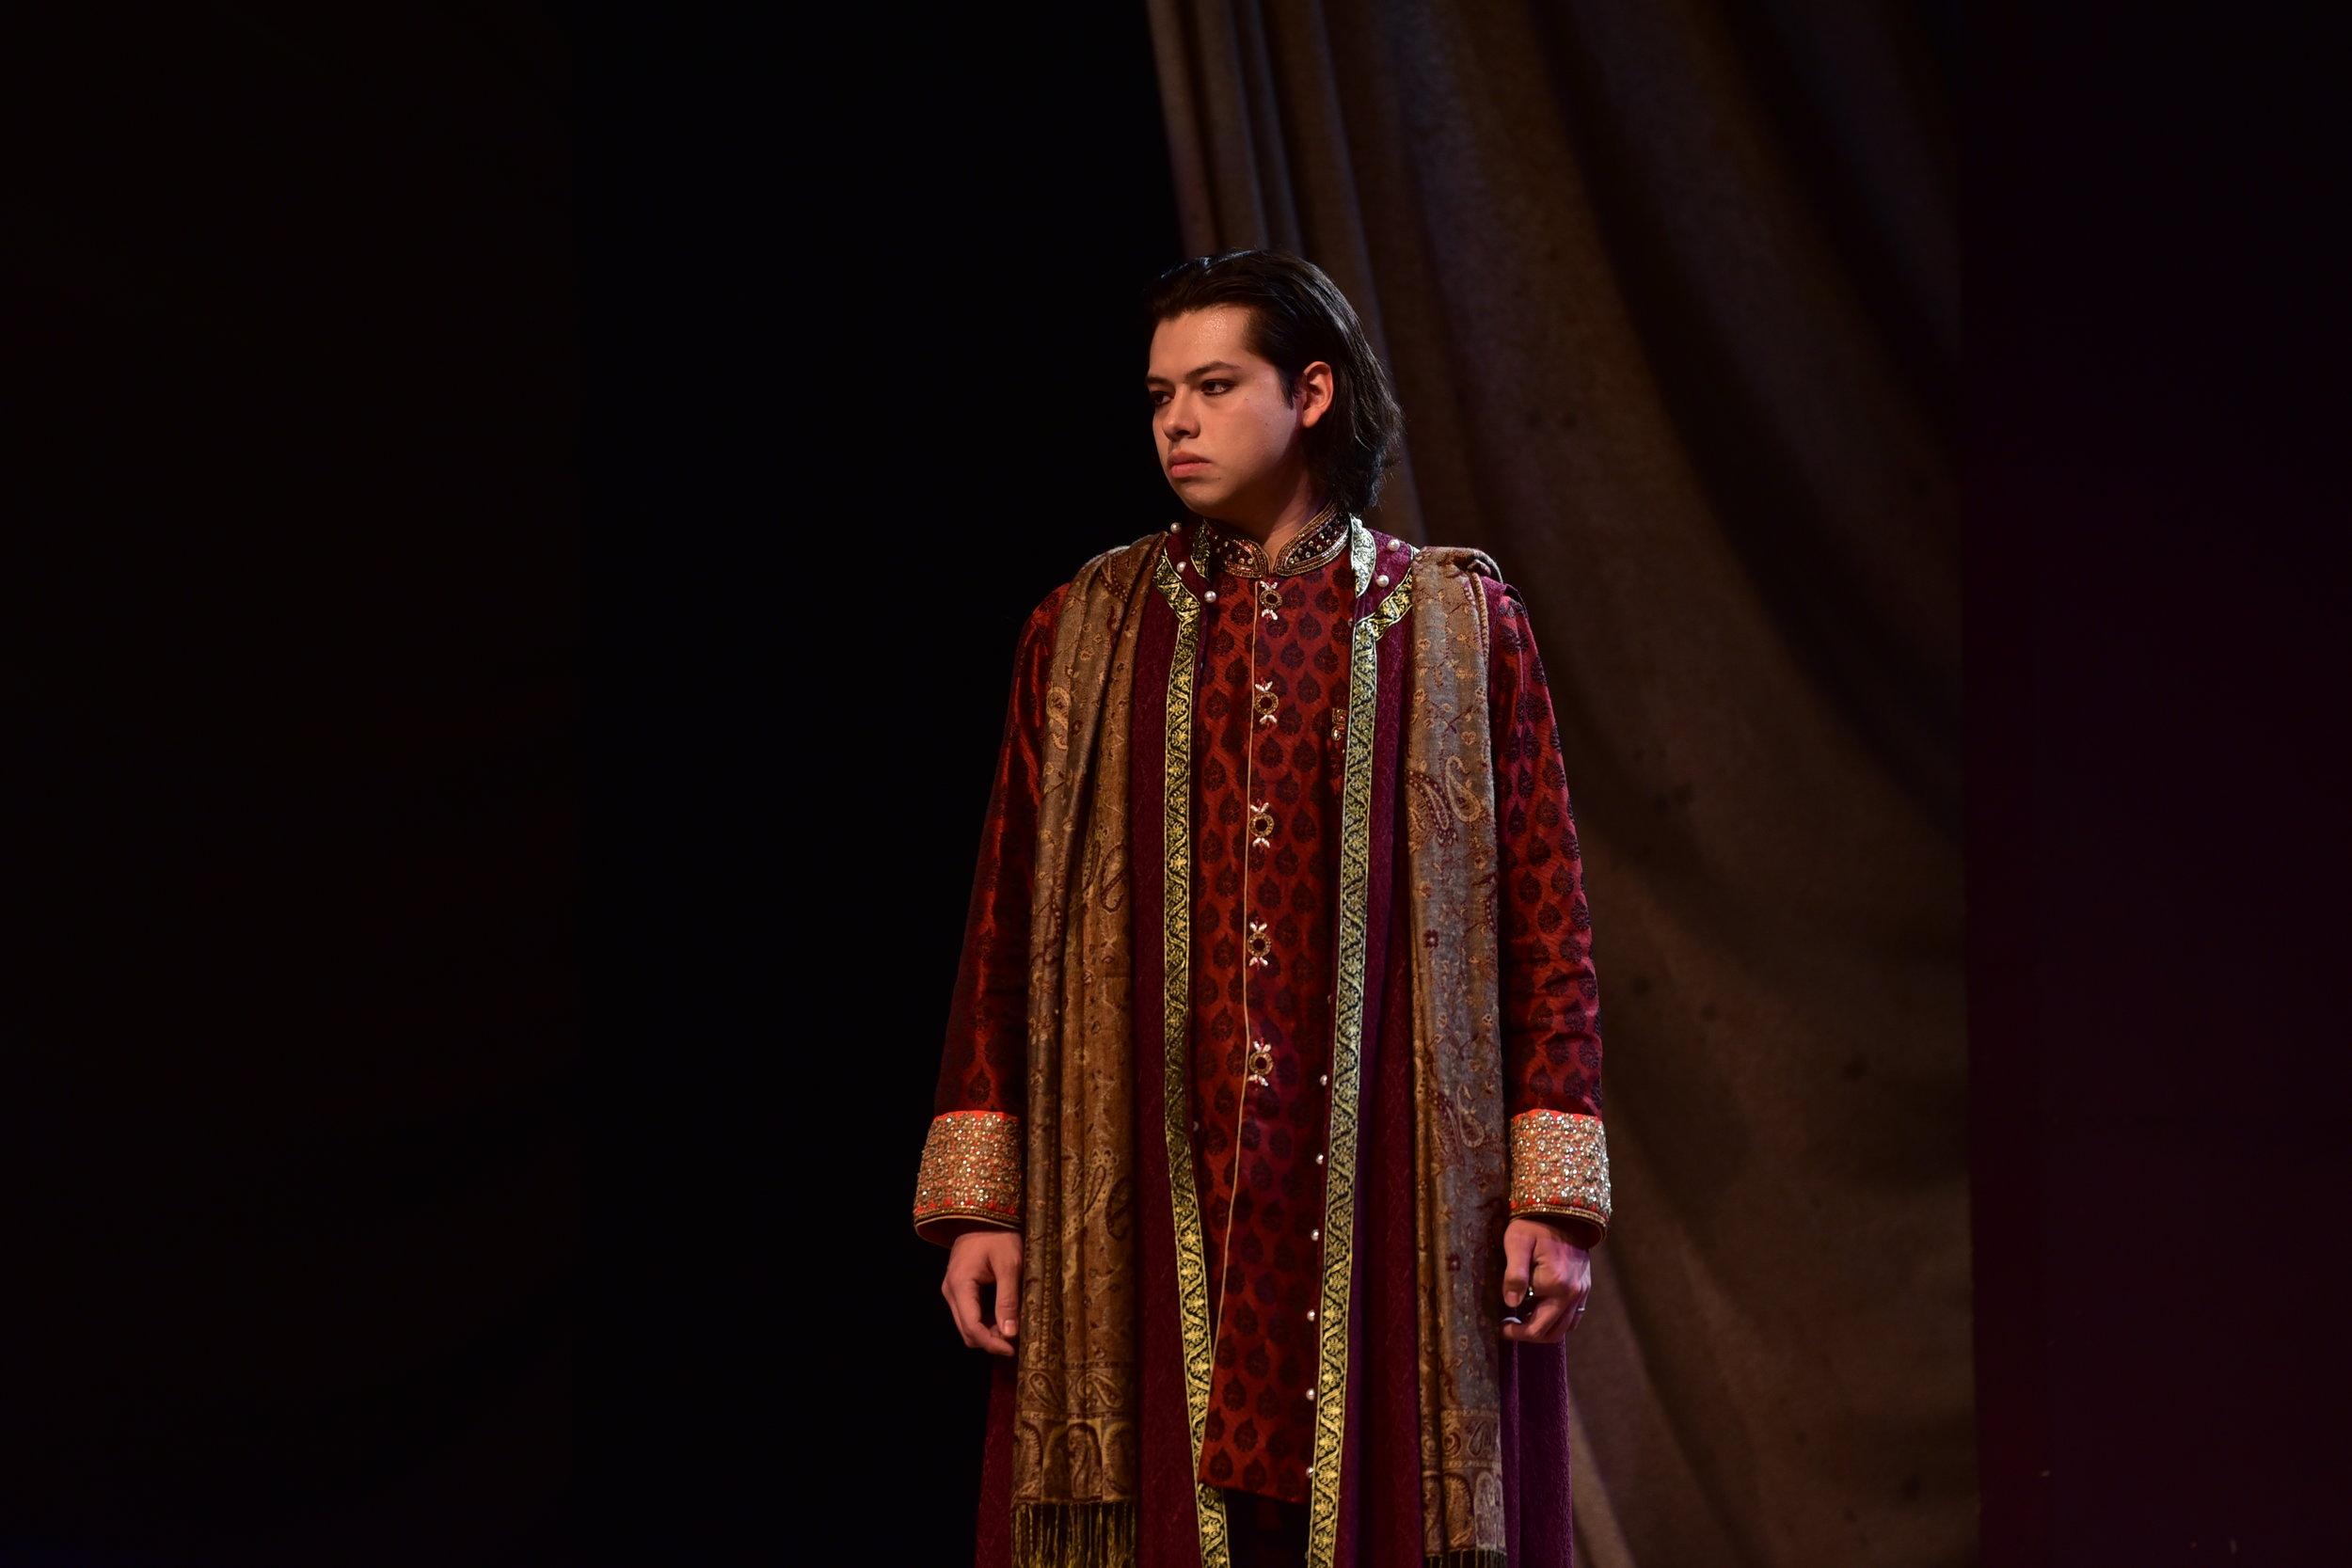 Juan Mares Castillo as Sebastian